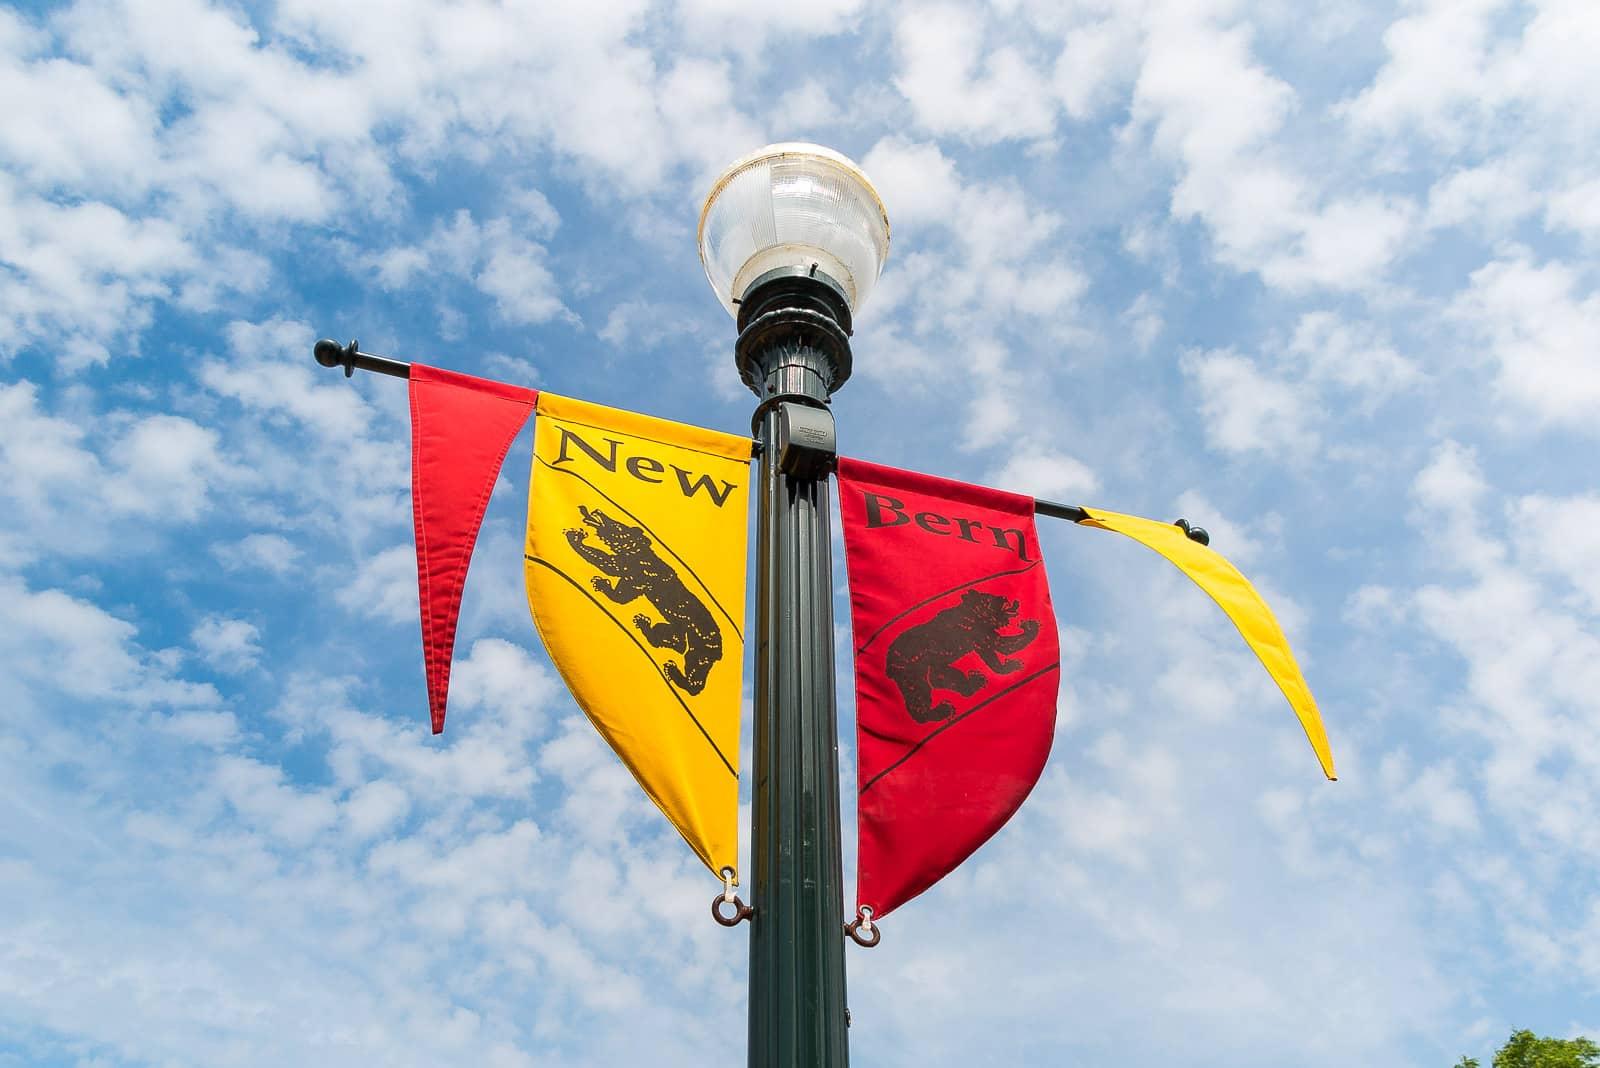 Die Altstadt-Beflaggung in der Altstadt von New Bern.